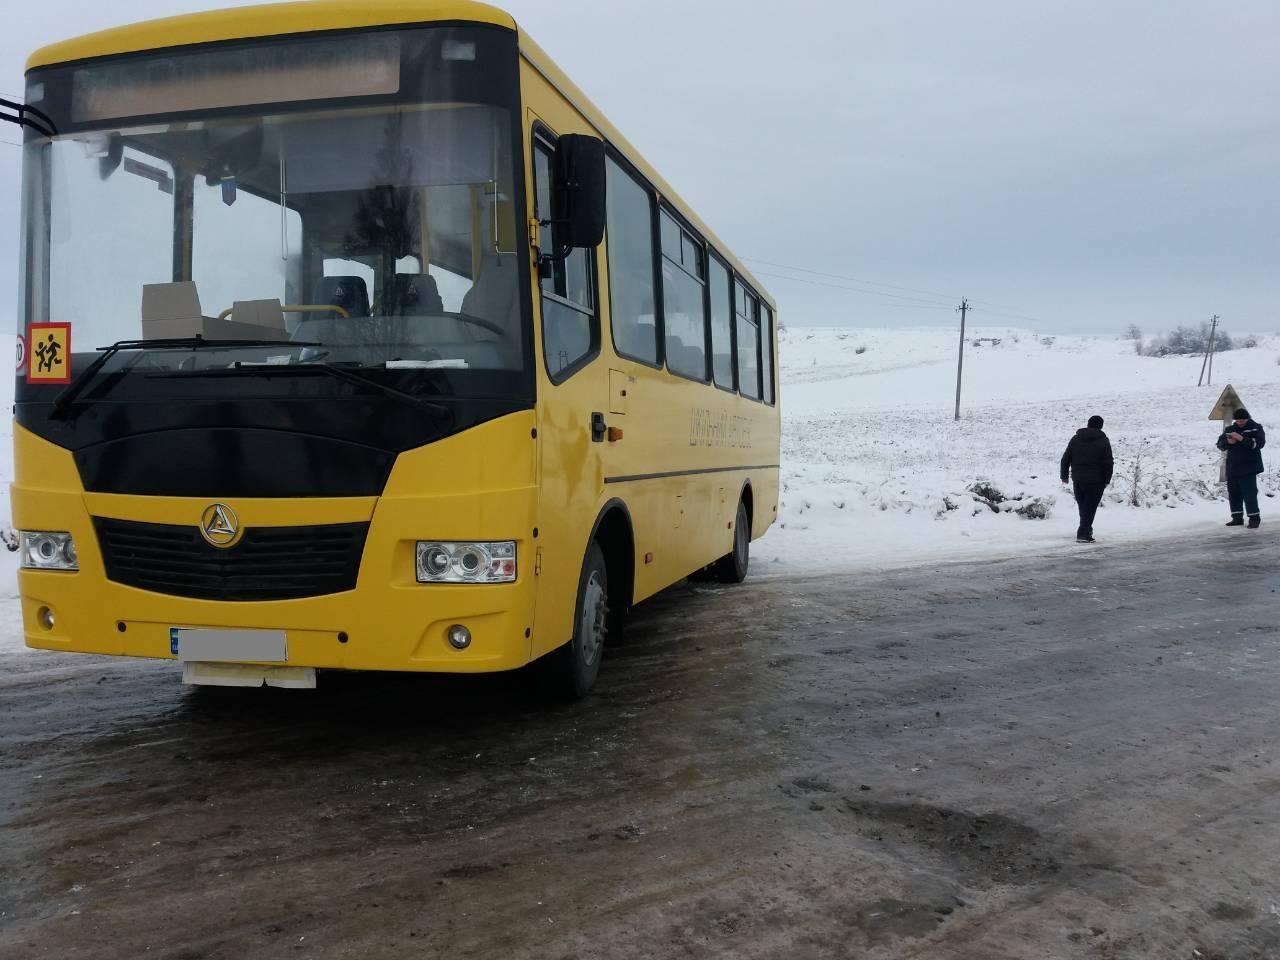 У Тлумацькому районі через ожеледицю автобус з дітьми вилетів з дороги (ФОТОФАКТ)